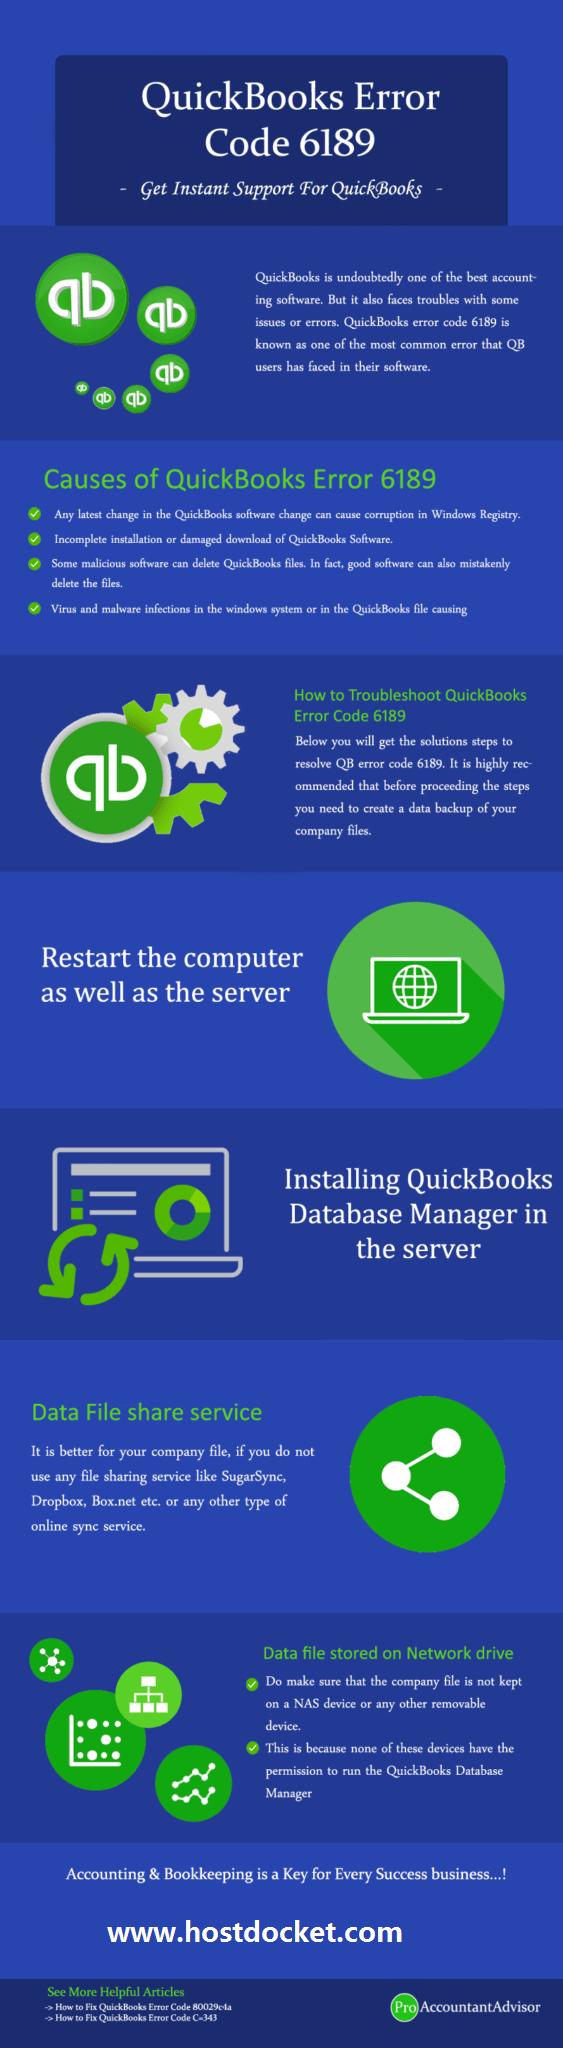 how to fix quickbooks error code 6189 Infographic